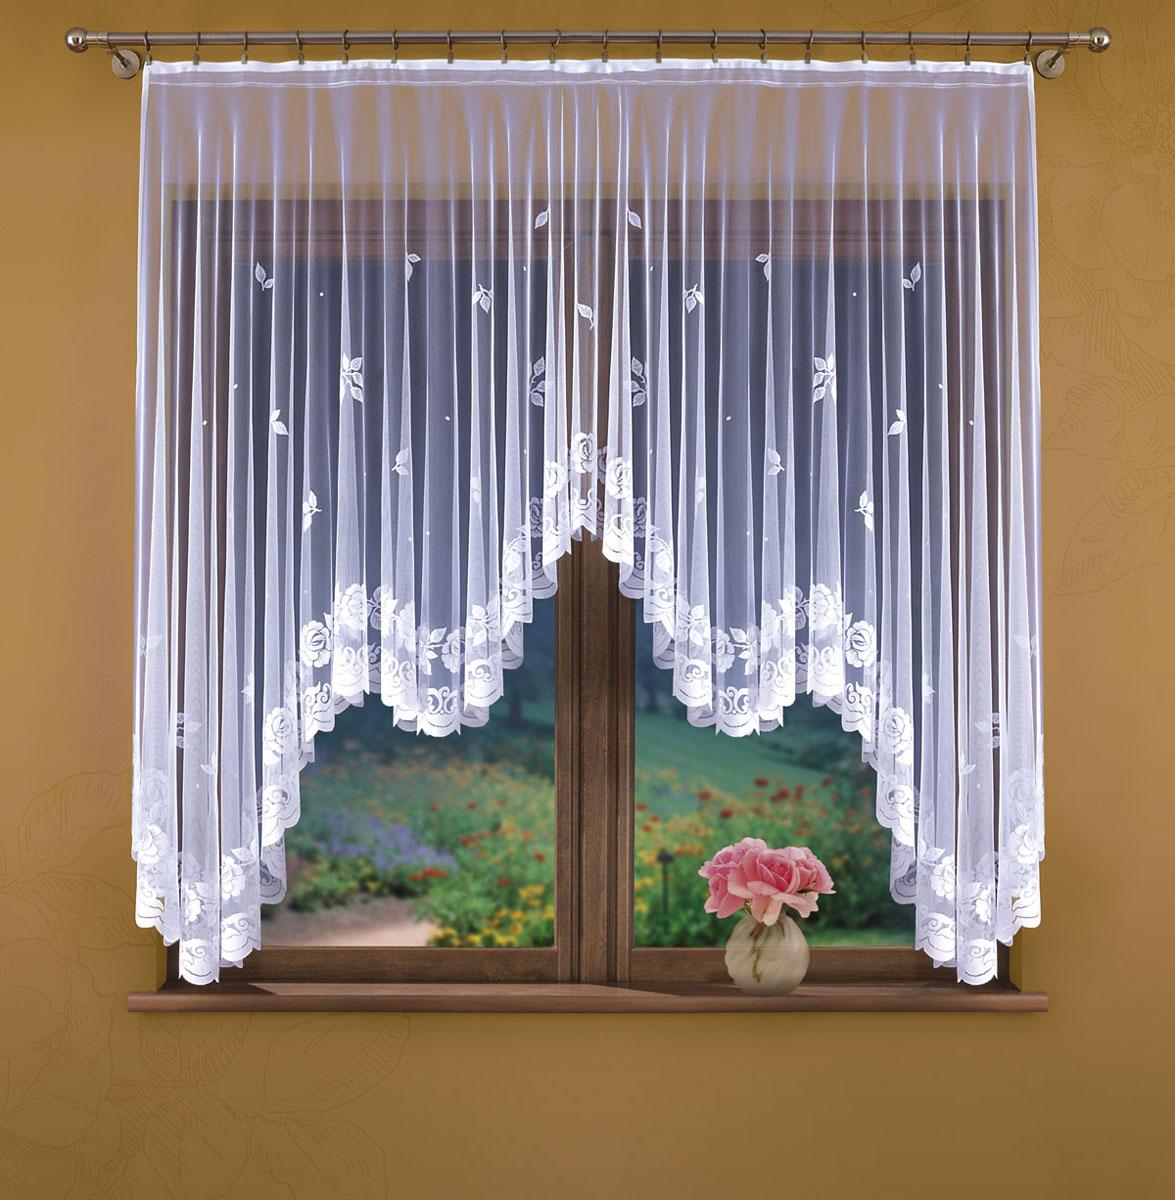 Гардина Wisan, цвет: белый, ширина 170 см, высота 170 см. 317Е317ЕГардина жаккардовая, крепление зажимы для штор. Размеры: ширина 170*высота 170